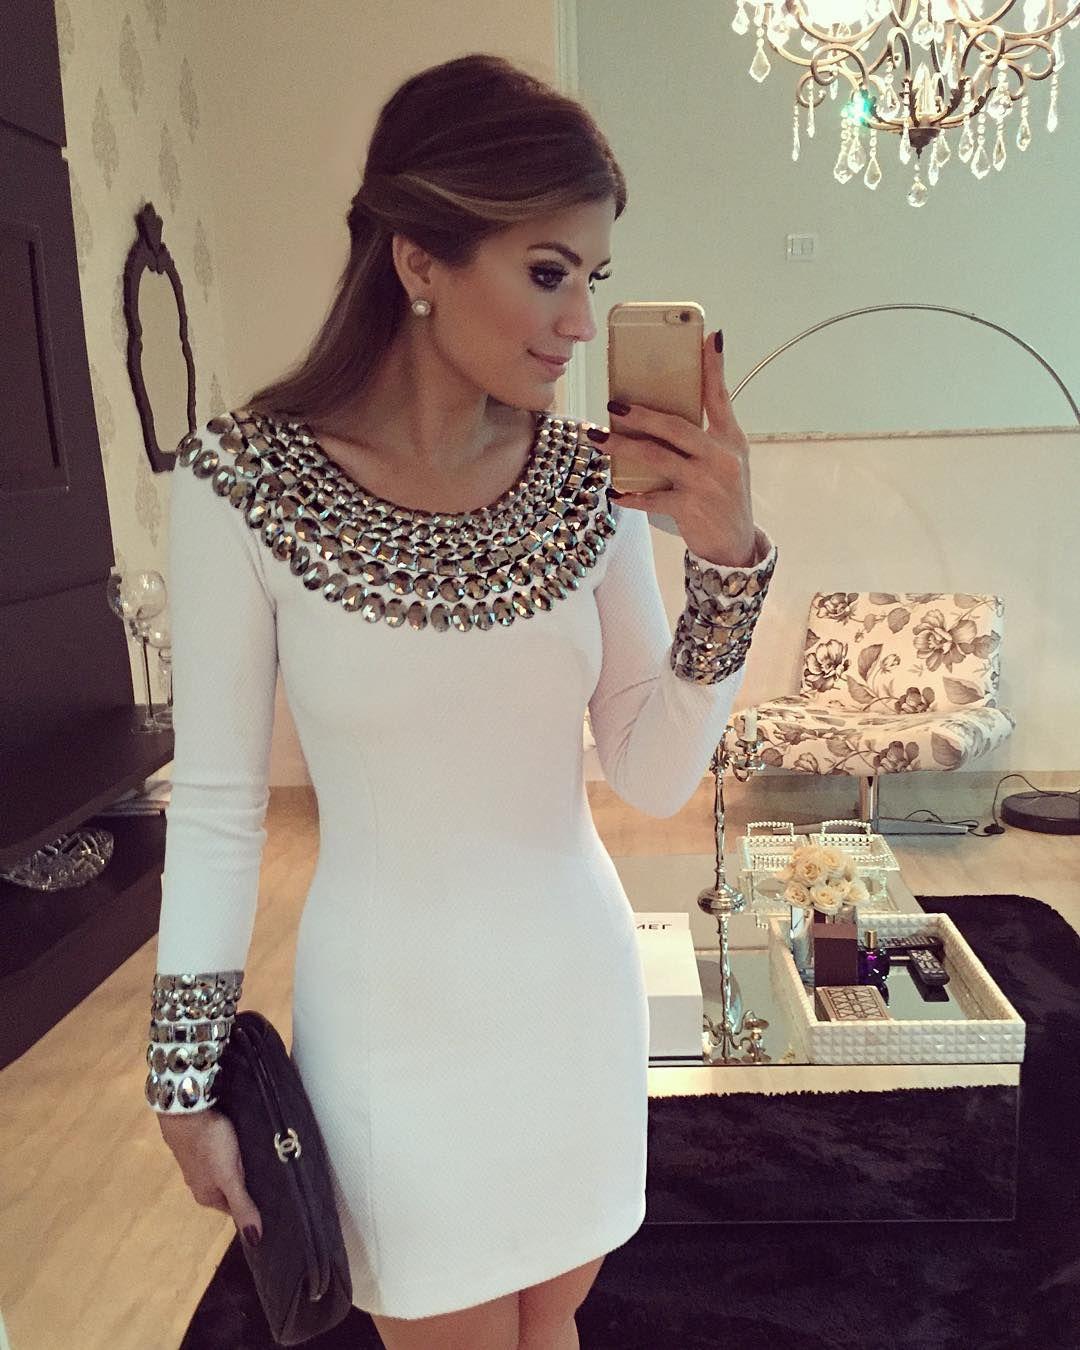 2a9da3145 Ver esta foto do Instagram de @arianecanovas • 10.3 mil curtidas Vestido  Com Pedraria,